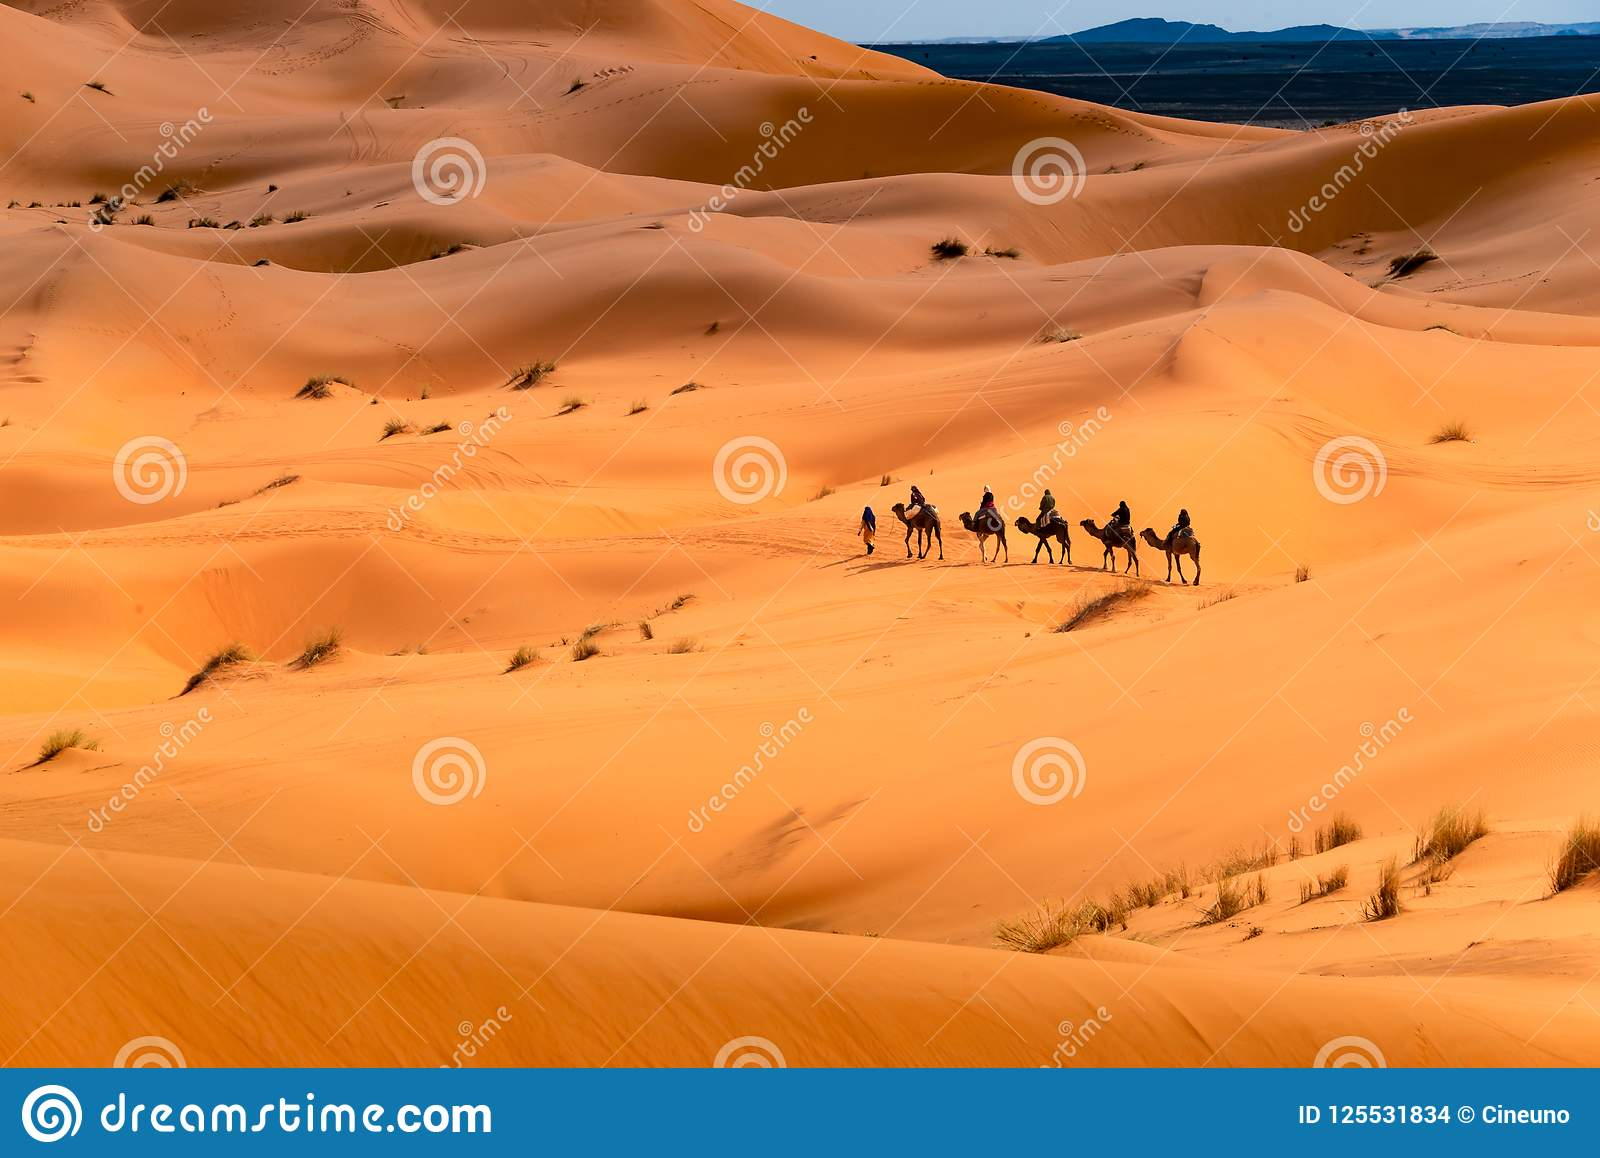 Camel ride through the desert